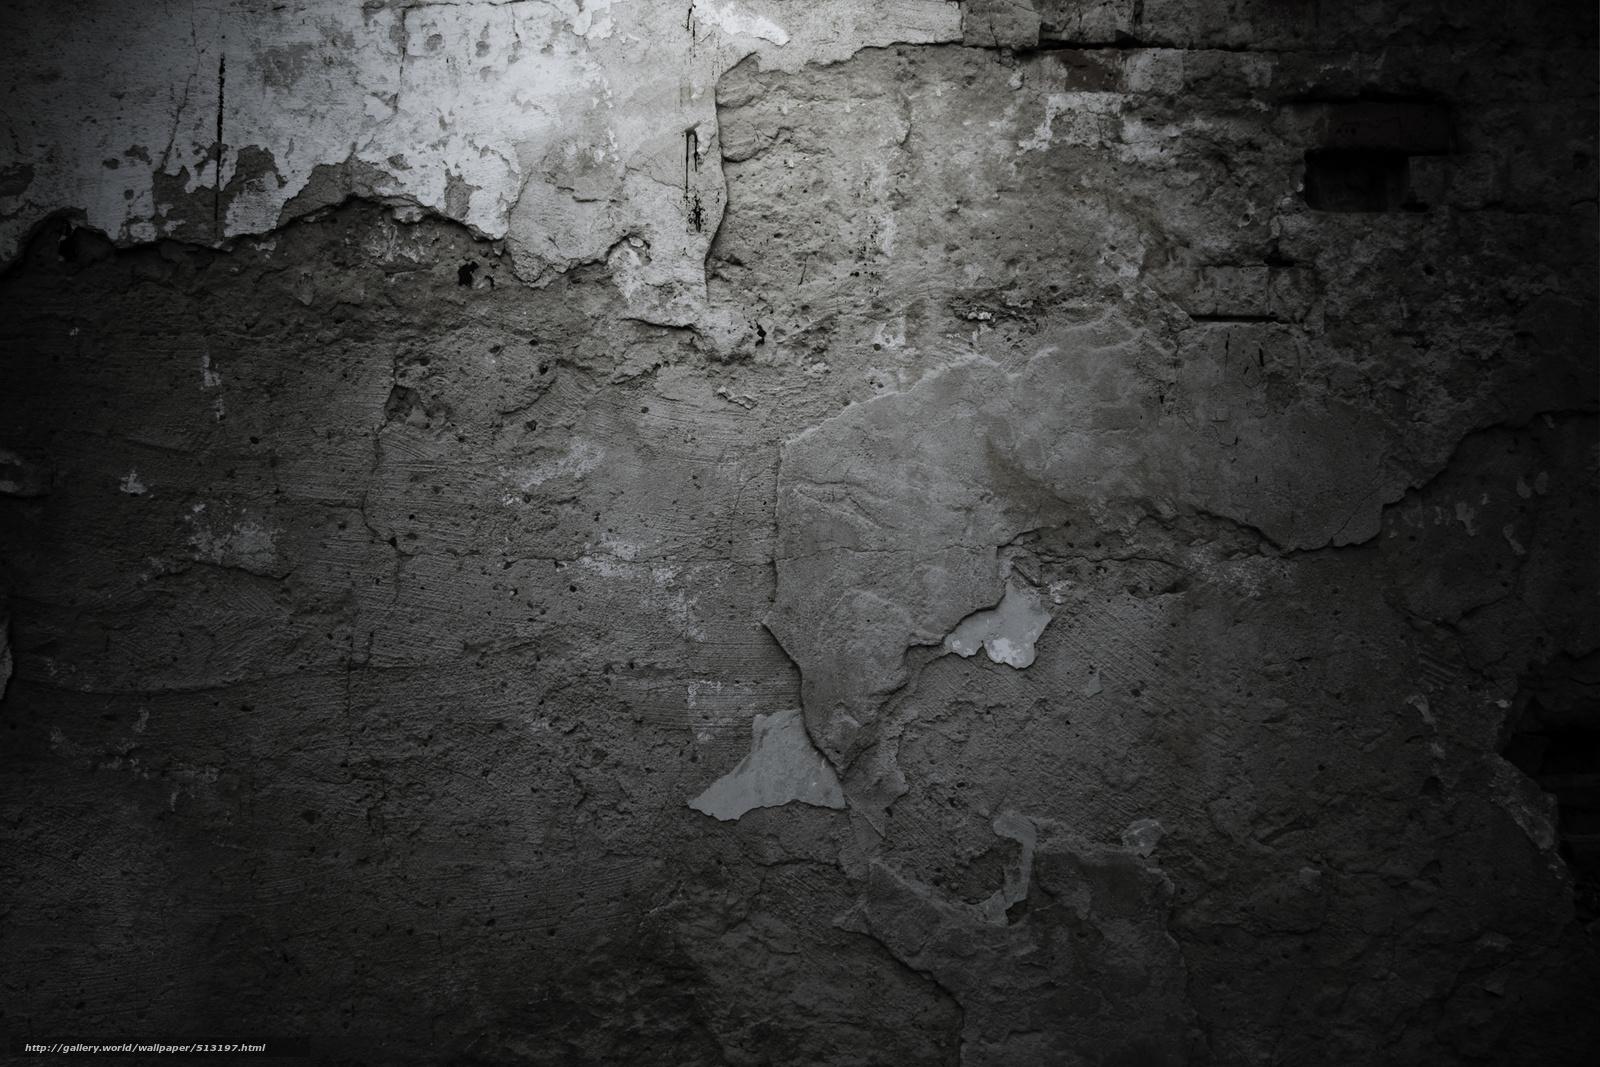 download hintergrund kitt wand die alte freie desktop tapeten in der auflosung 2850x1900. Black Bedroom Furniture Sets. Home Design Ideas